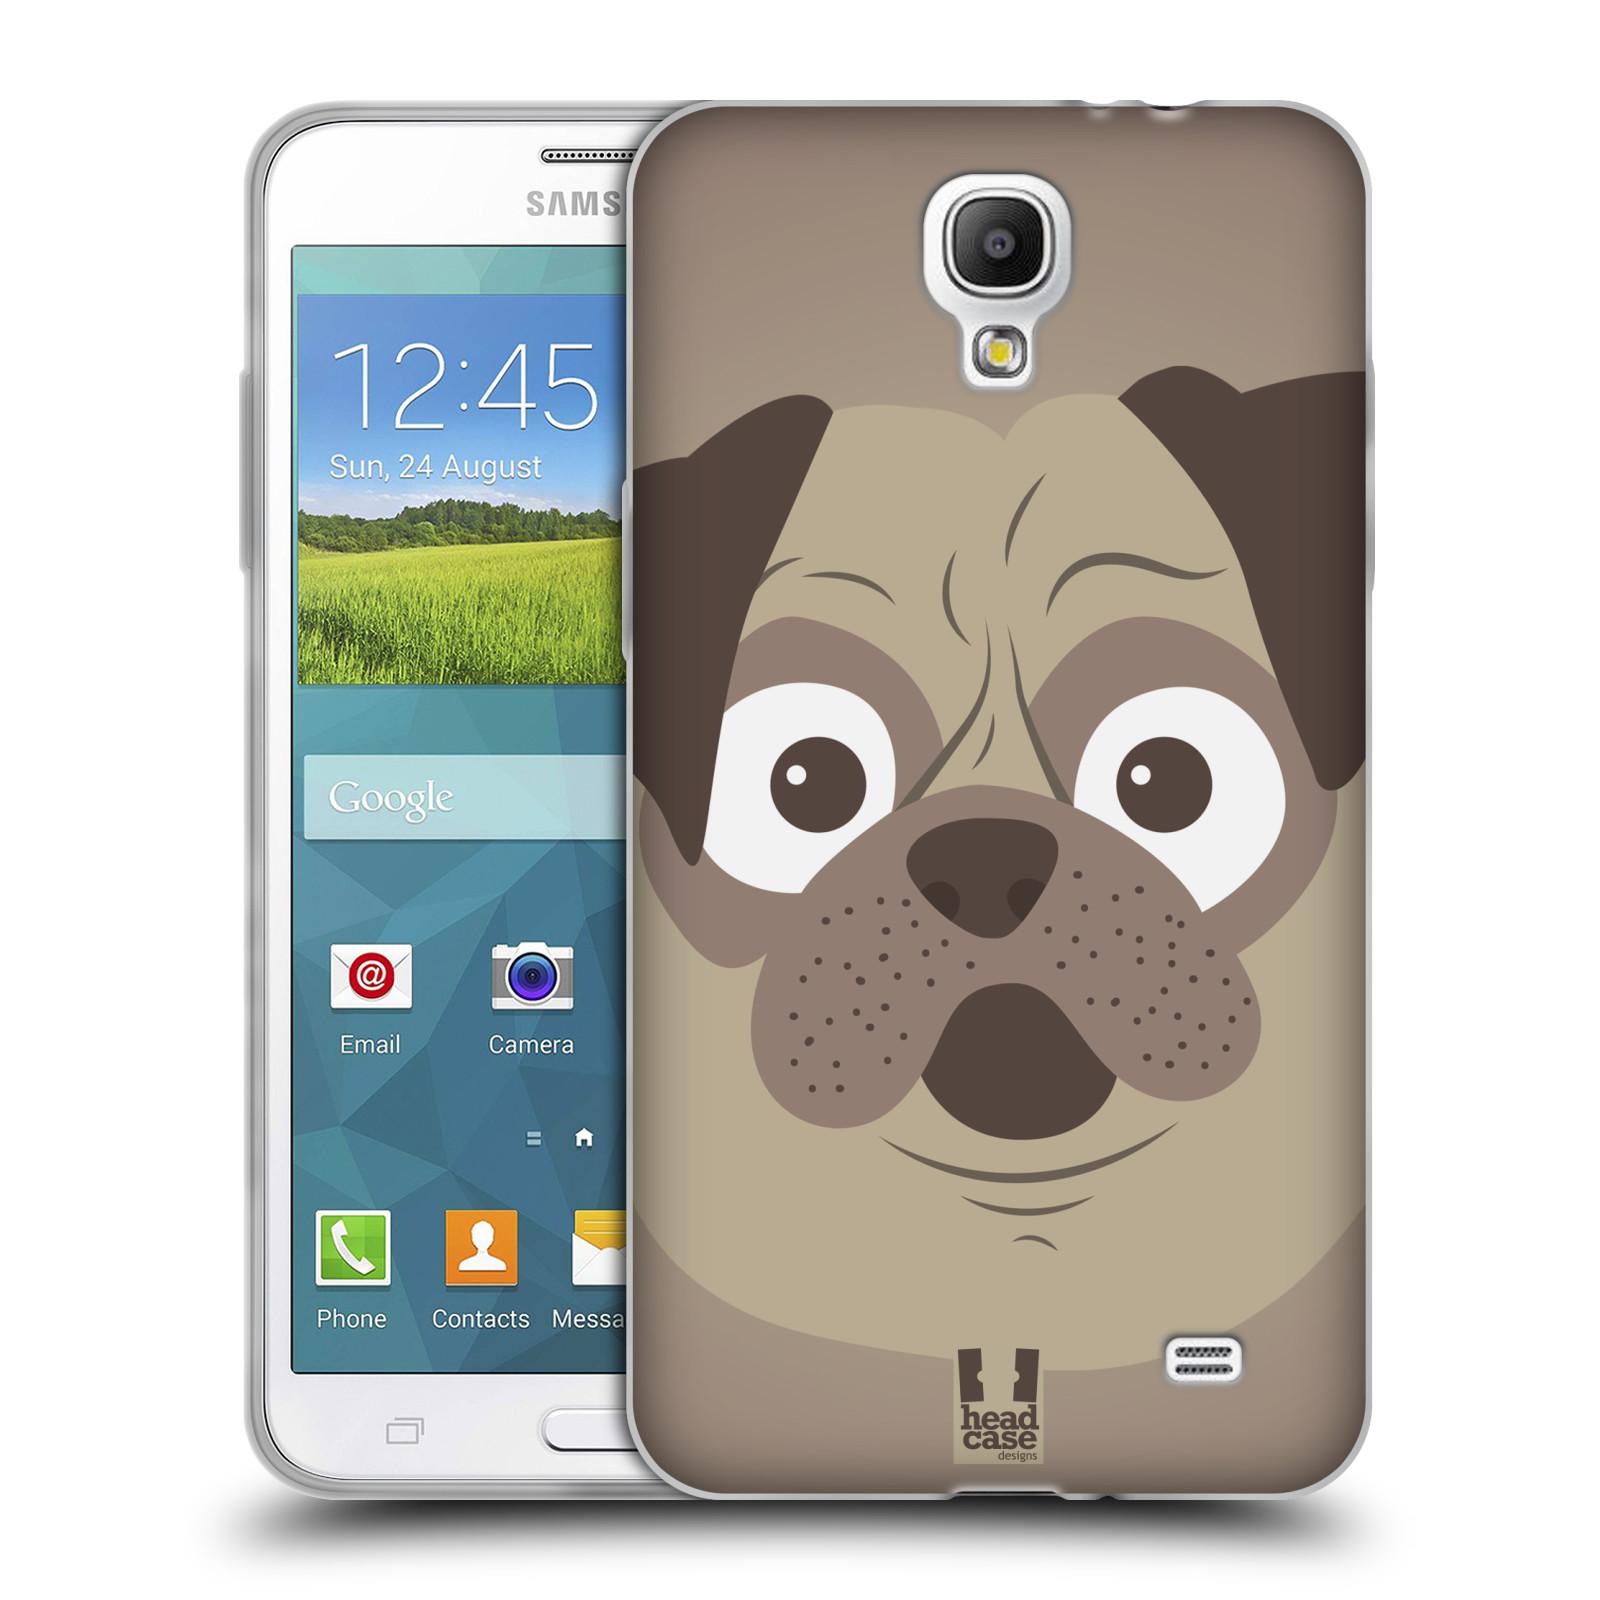 HEAD CASE silikonový obal na mobil Samsung Galaxy Mega 2 vzor Cartoon Karikatura barevná kreslená zvířátka pes mopsík